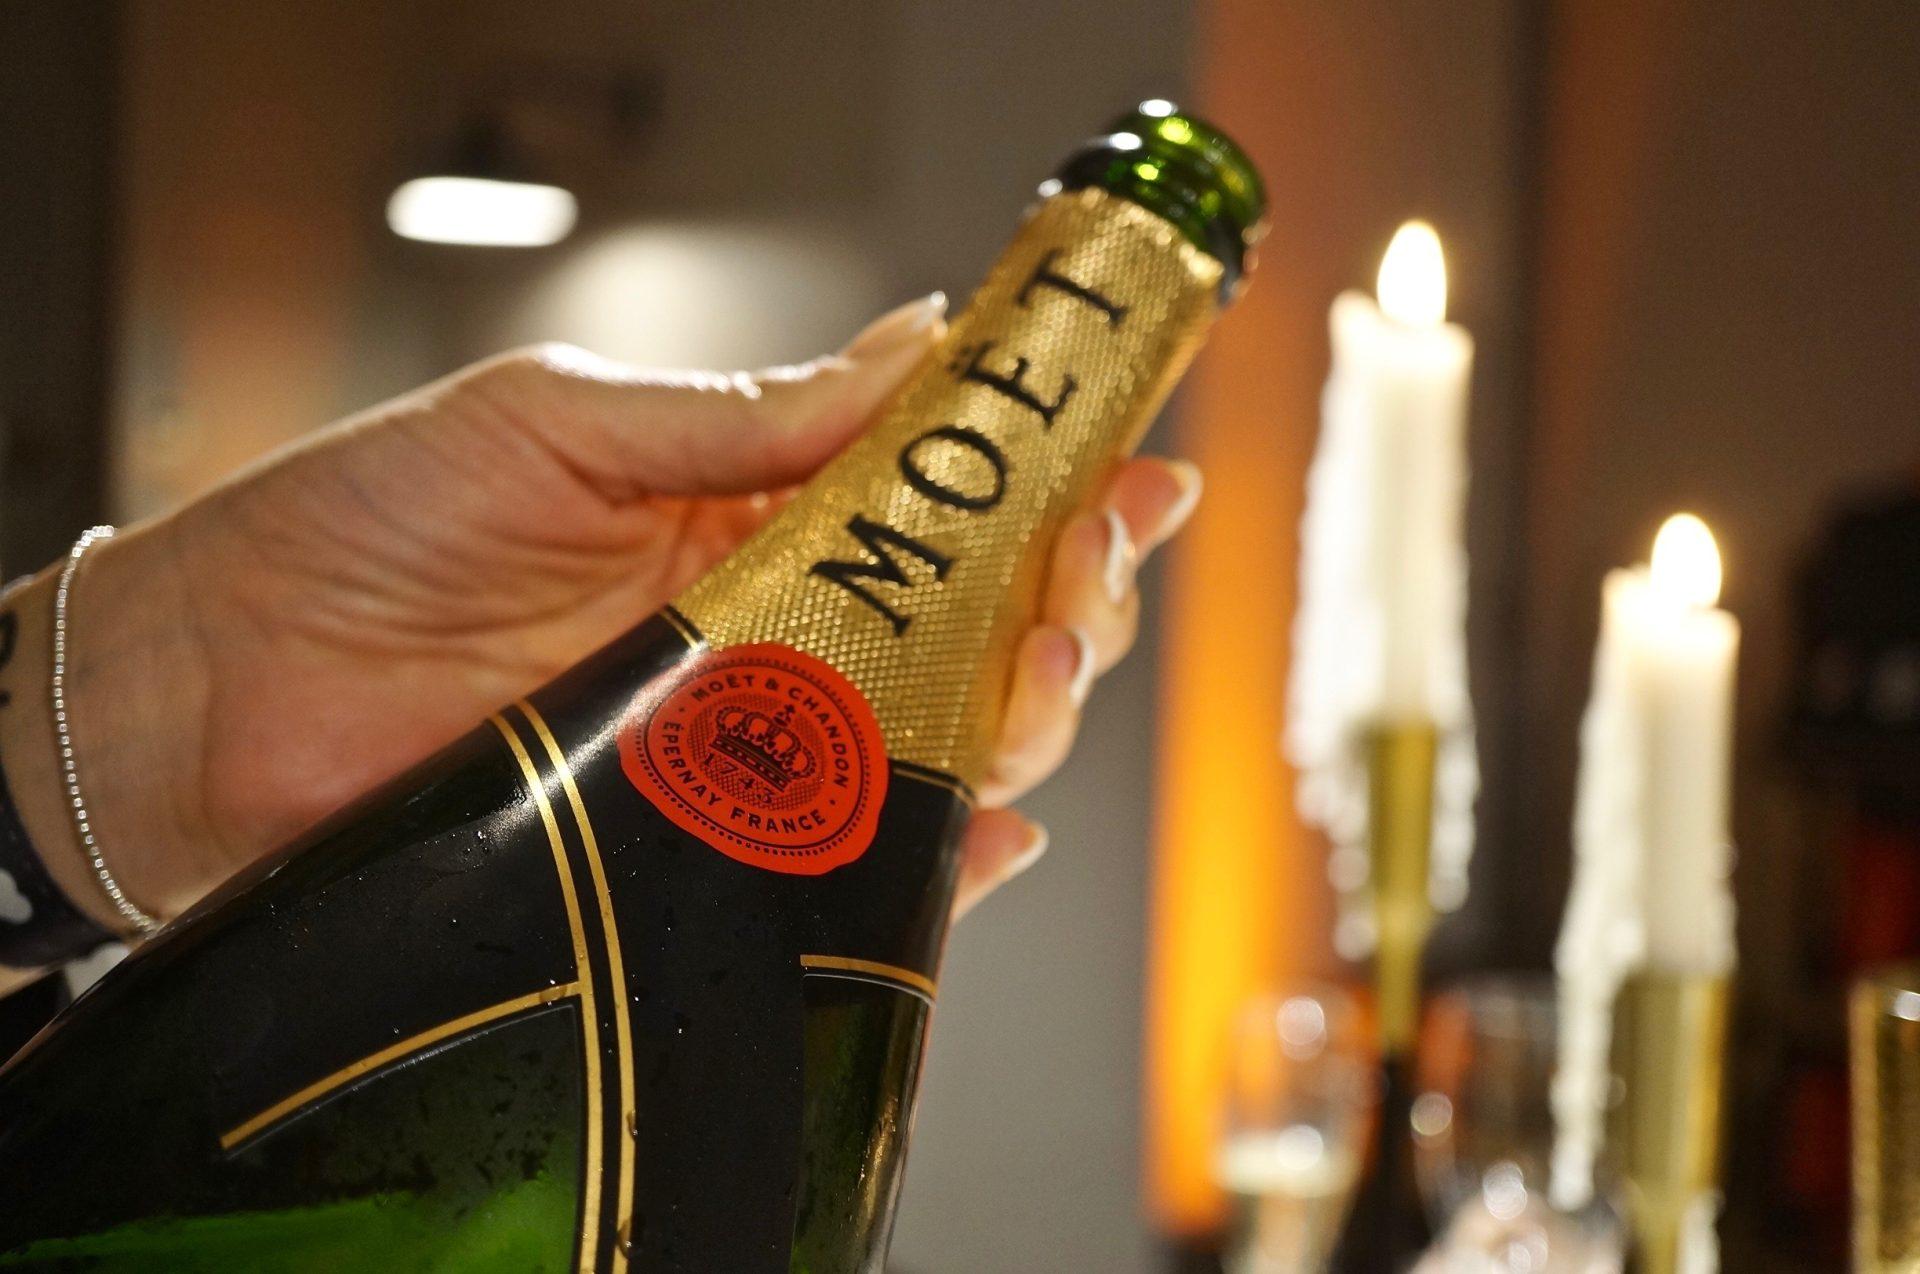 Champagner-Dinner mit Moet & Chandon Impérial & Vintage 2006